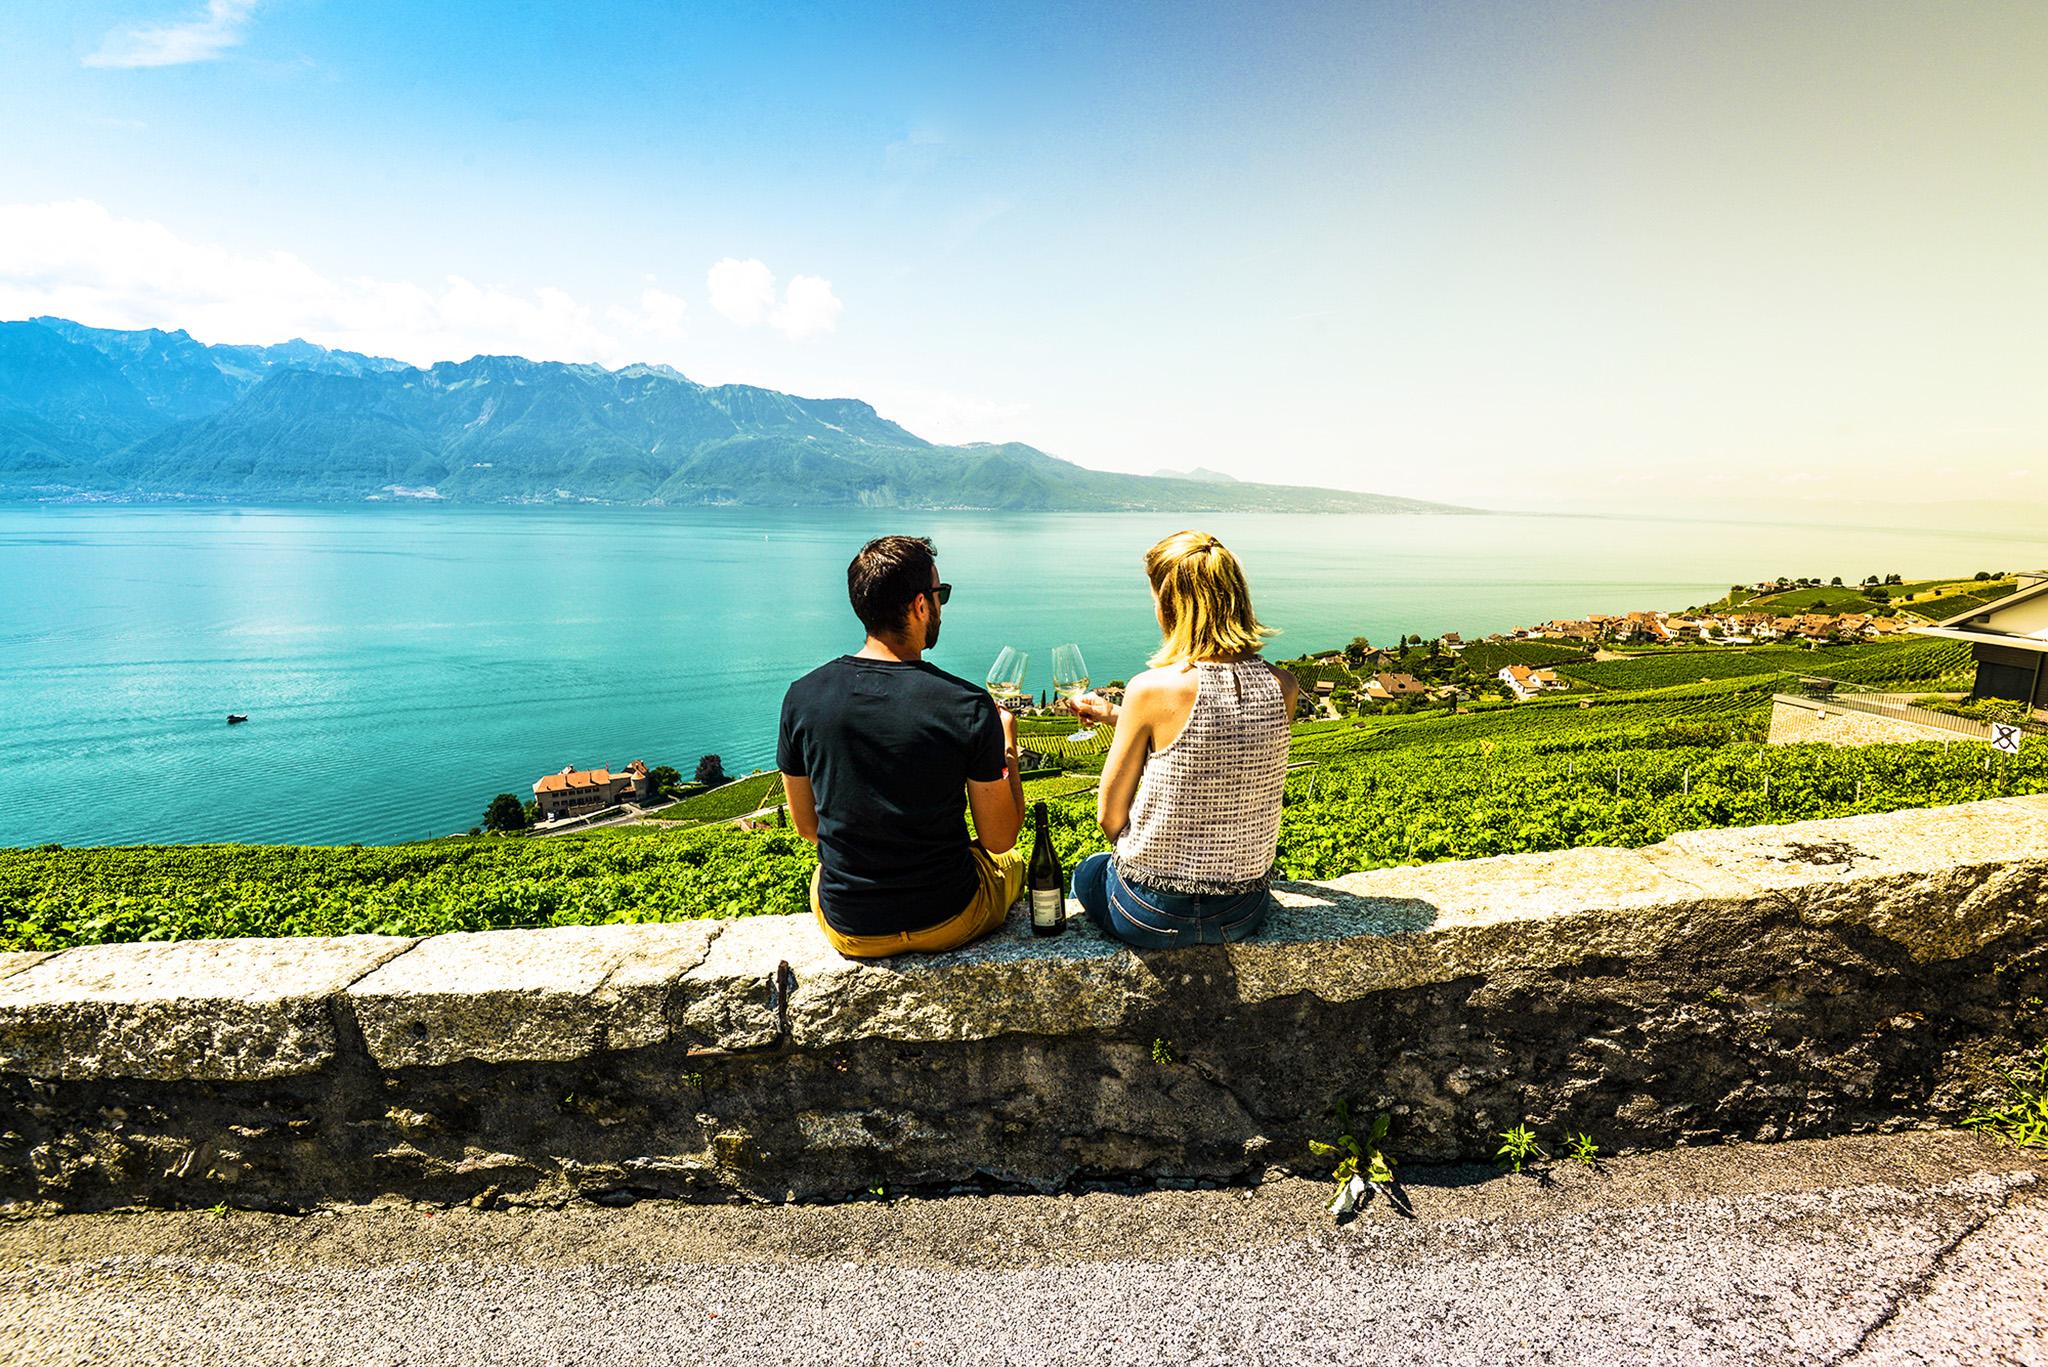 kt_2020_300_Keytours_excursions_Swisstours_lavaux_aperitif3_2048_10